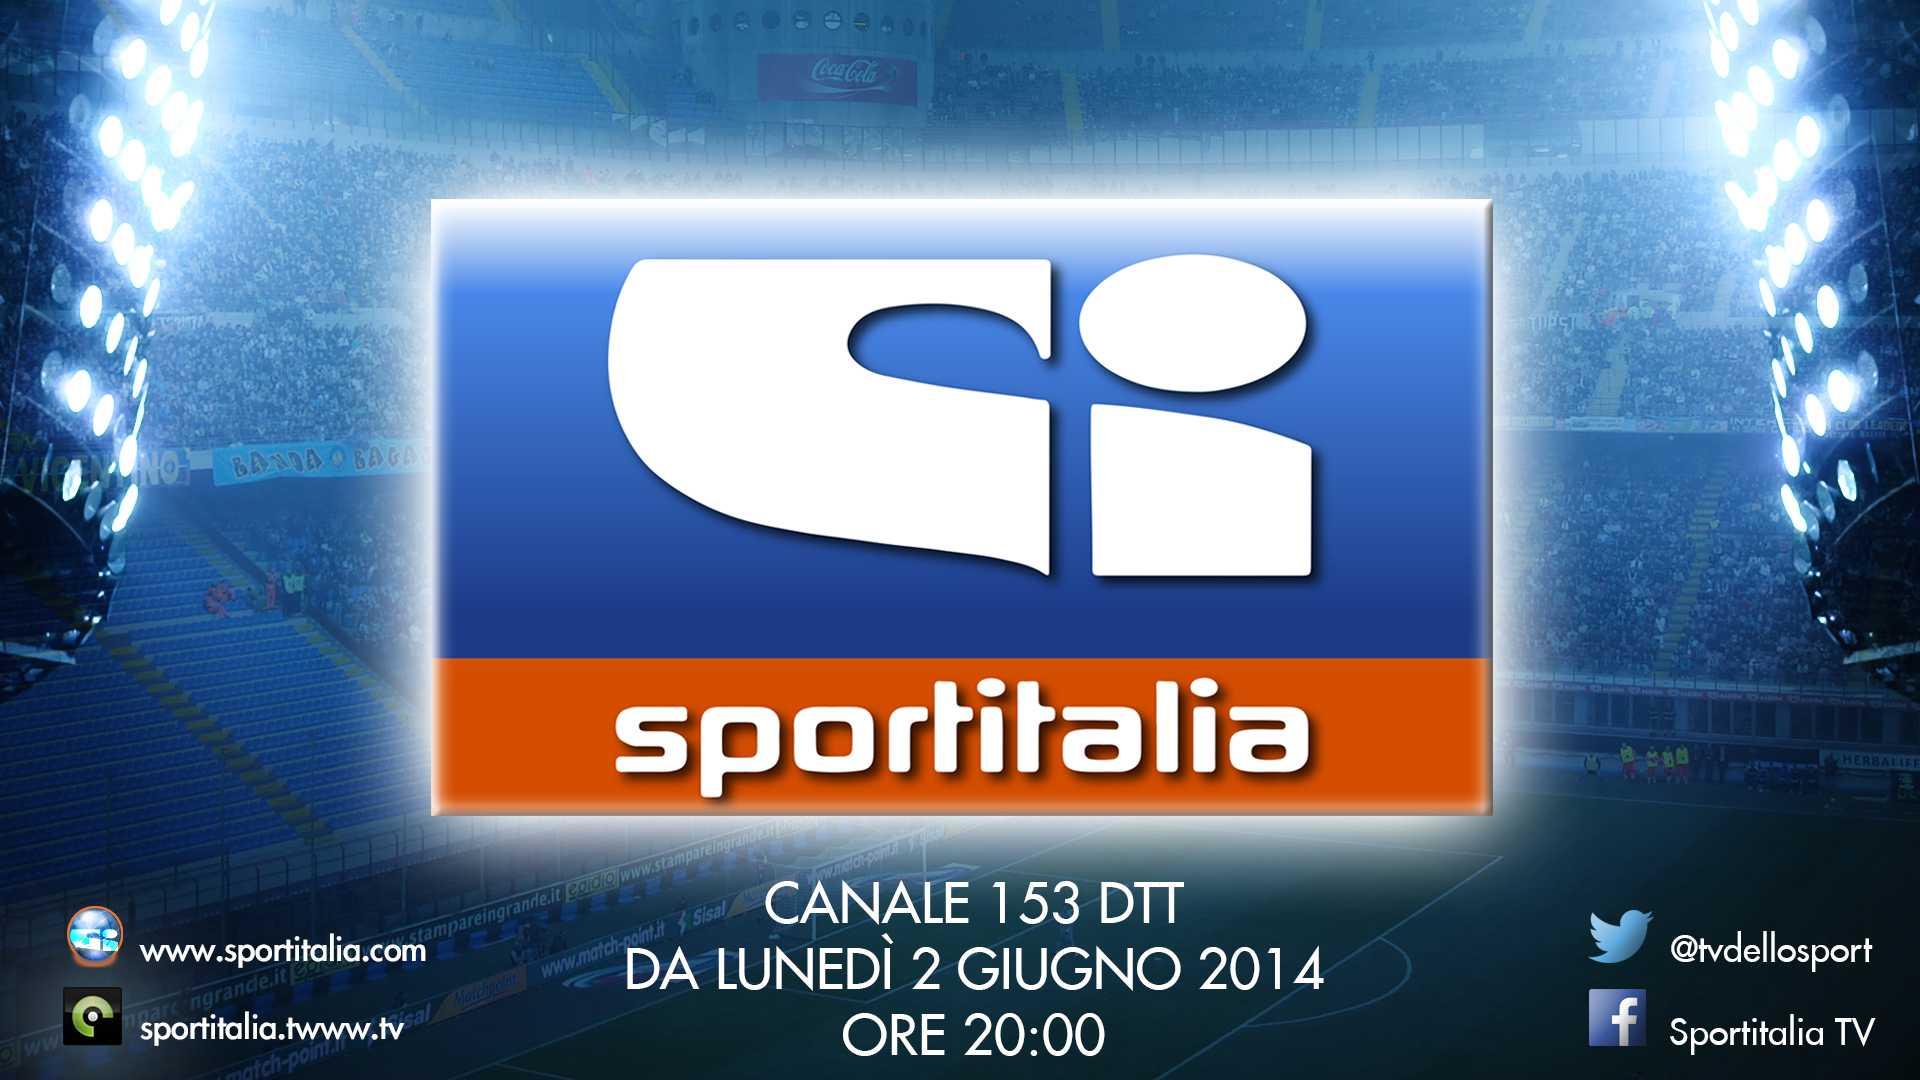 Attivata Sportitalia sul canale 153, trasmissioni al via dal 2 Giugno | Digitale terrestre: Dtti.it